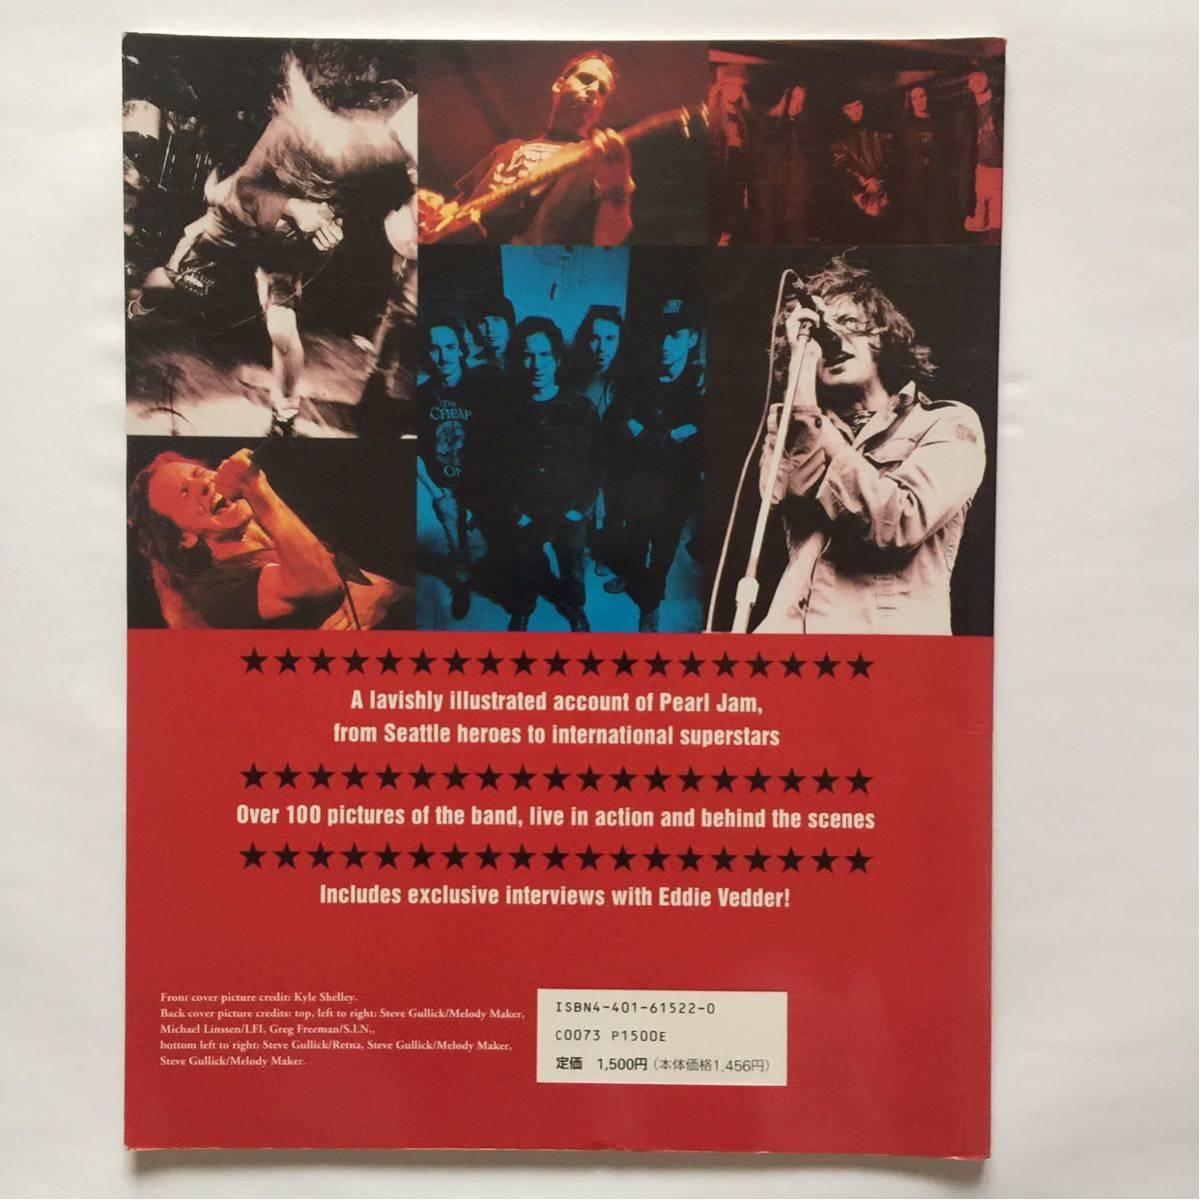 【絶版・貴重・初版】Pearl Jam/ パールジャム The Illustrated Story/シアトル発、世界制覇!その栄光と苦悩 1996年 本 日本語 当時物_画像2